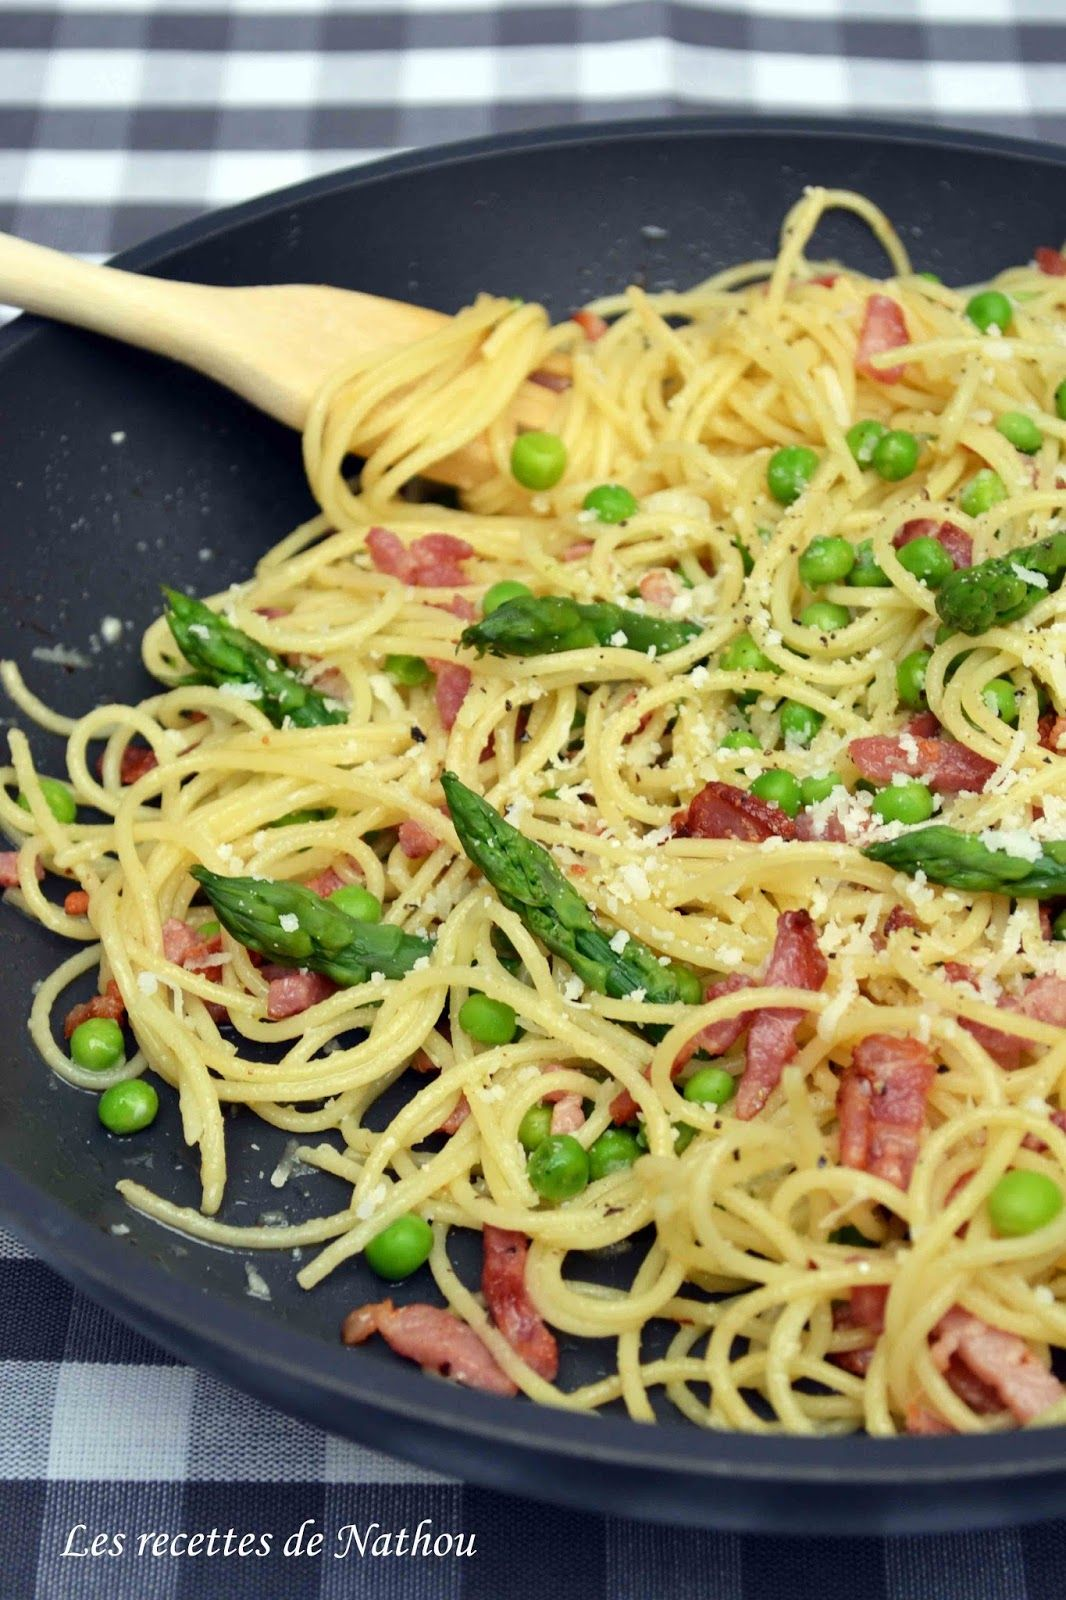 Les recettes de Nathou: Poêlée de spaghettis au lardons, petits pois et asperges vertes